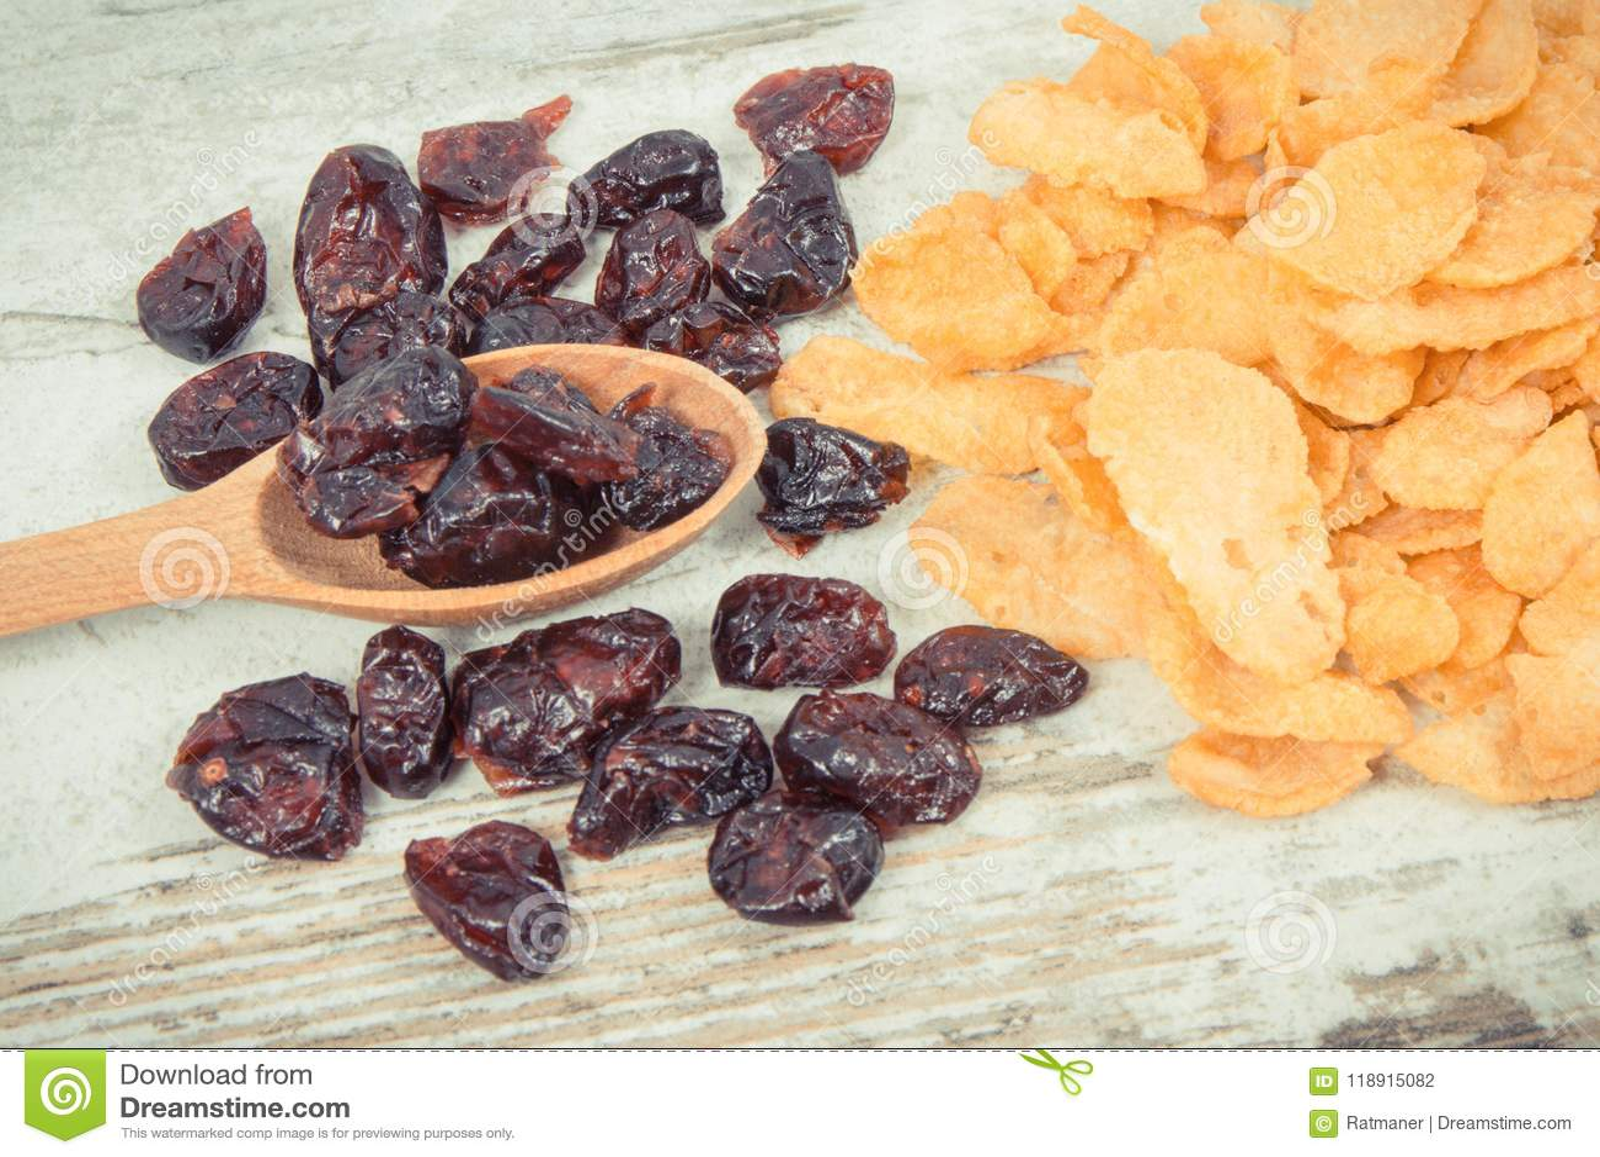 Ingrédients sains contenant des minerais, des hydrates de carbone et la fibre alimentaire, concept nutritif de consommation